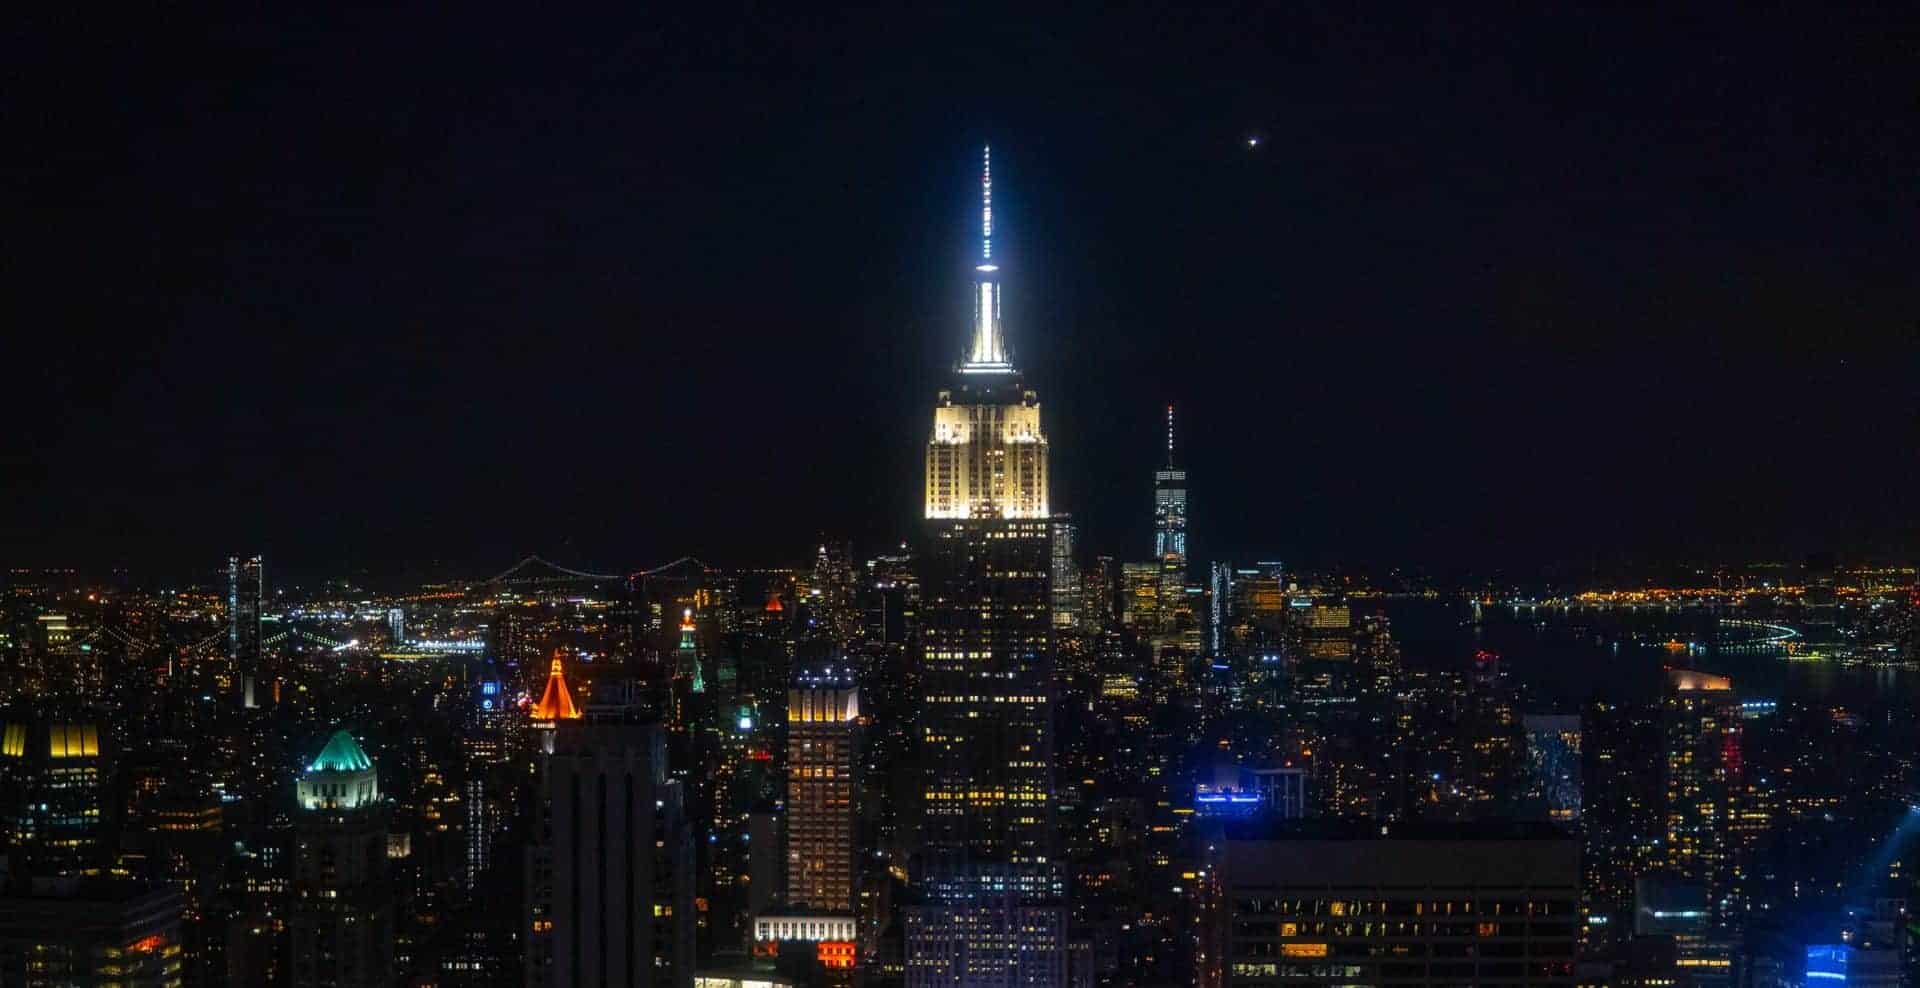 El edificio Empire State Building cumplió 90 años y lo celebrará con recorridos, productos exclusivos y más